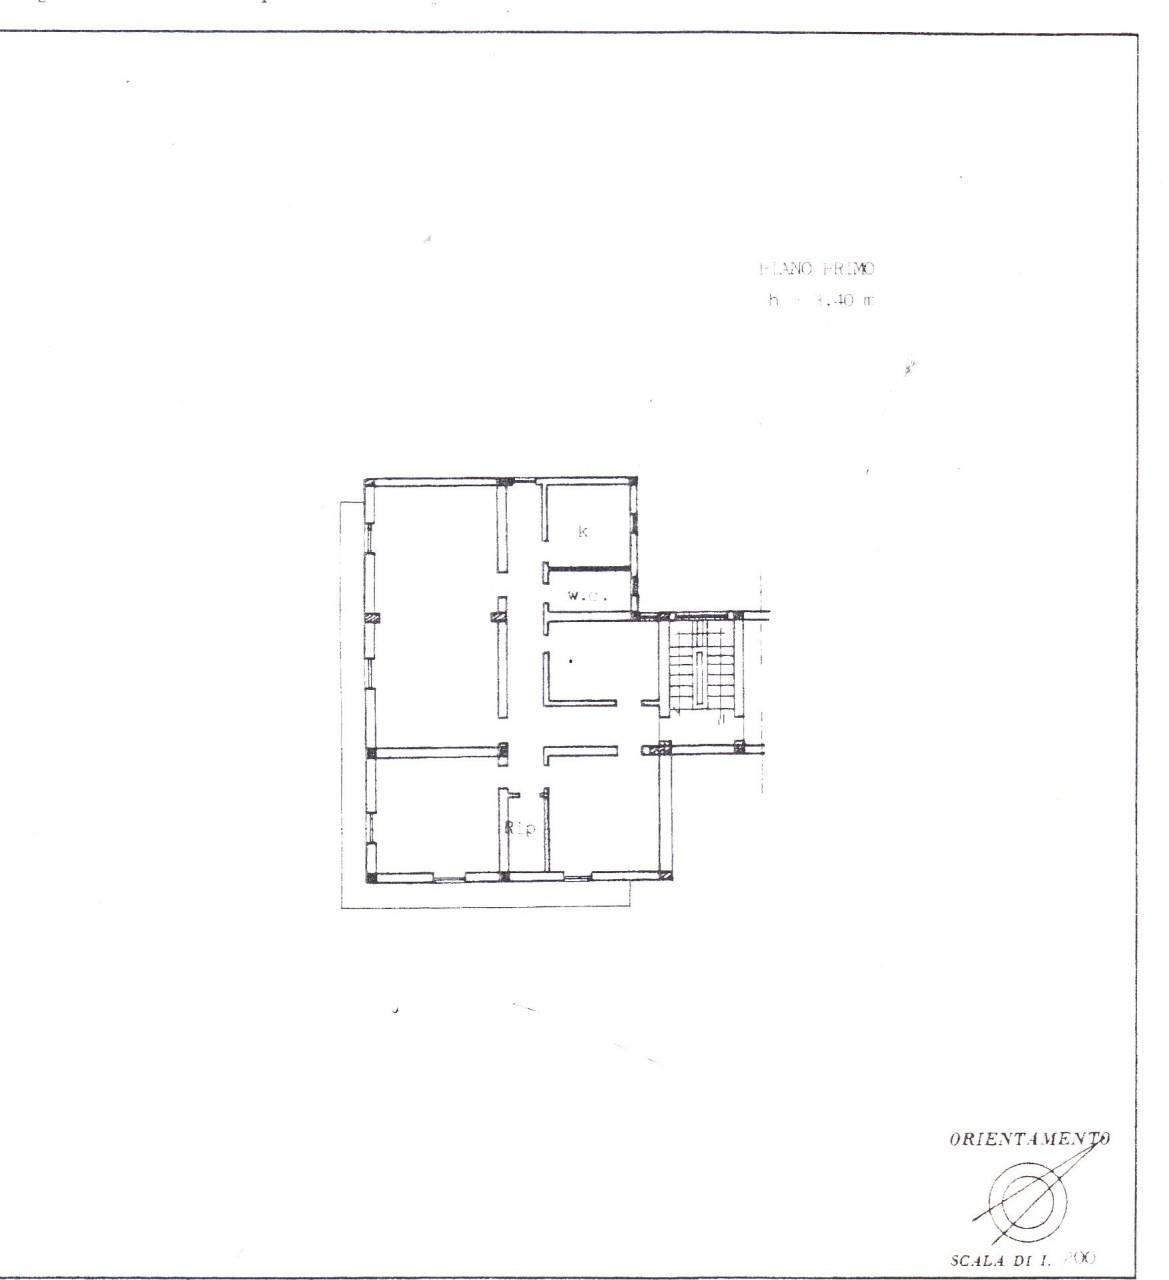 reggio-di-calabria vendita quart:  castaldo-intermediazione-immobiliare